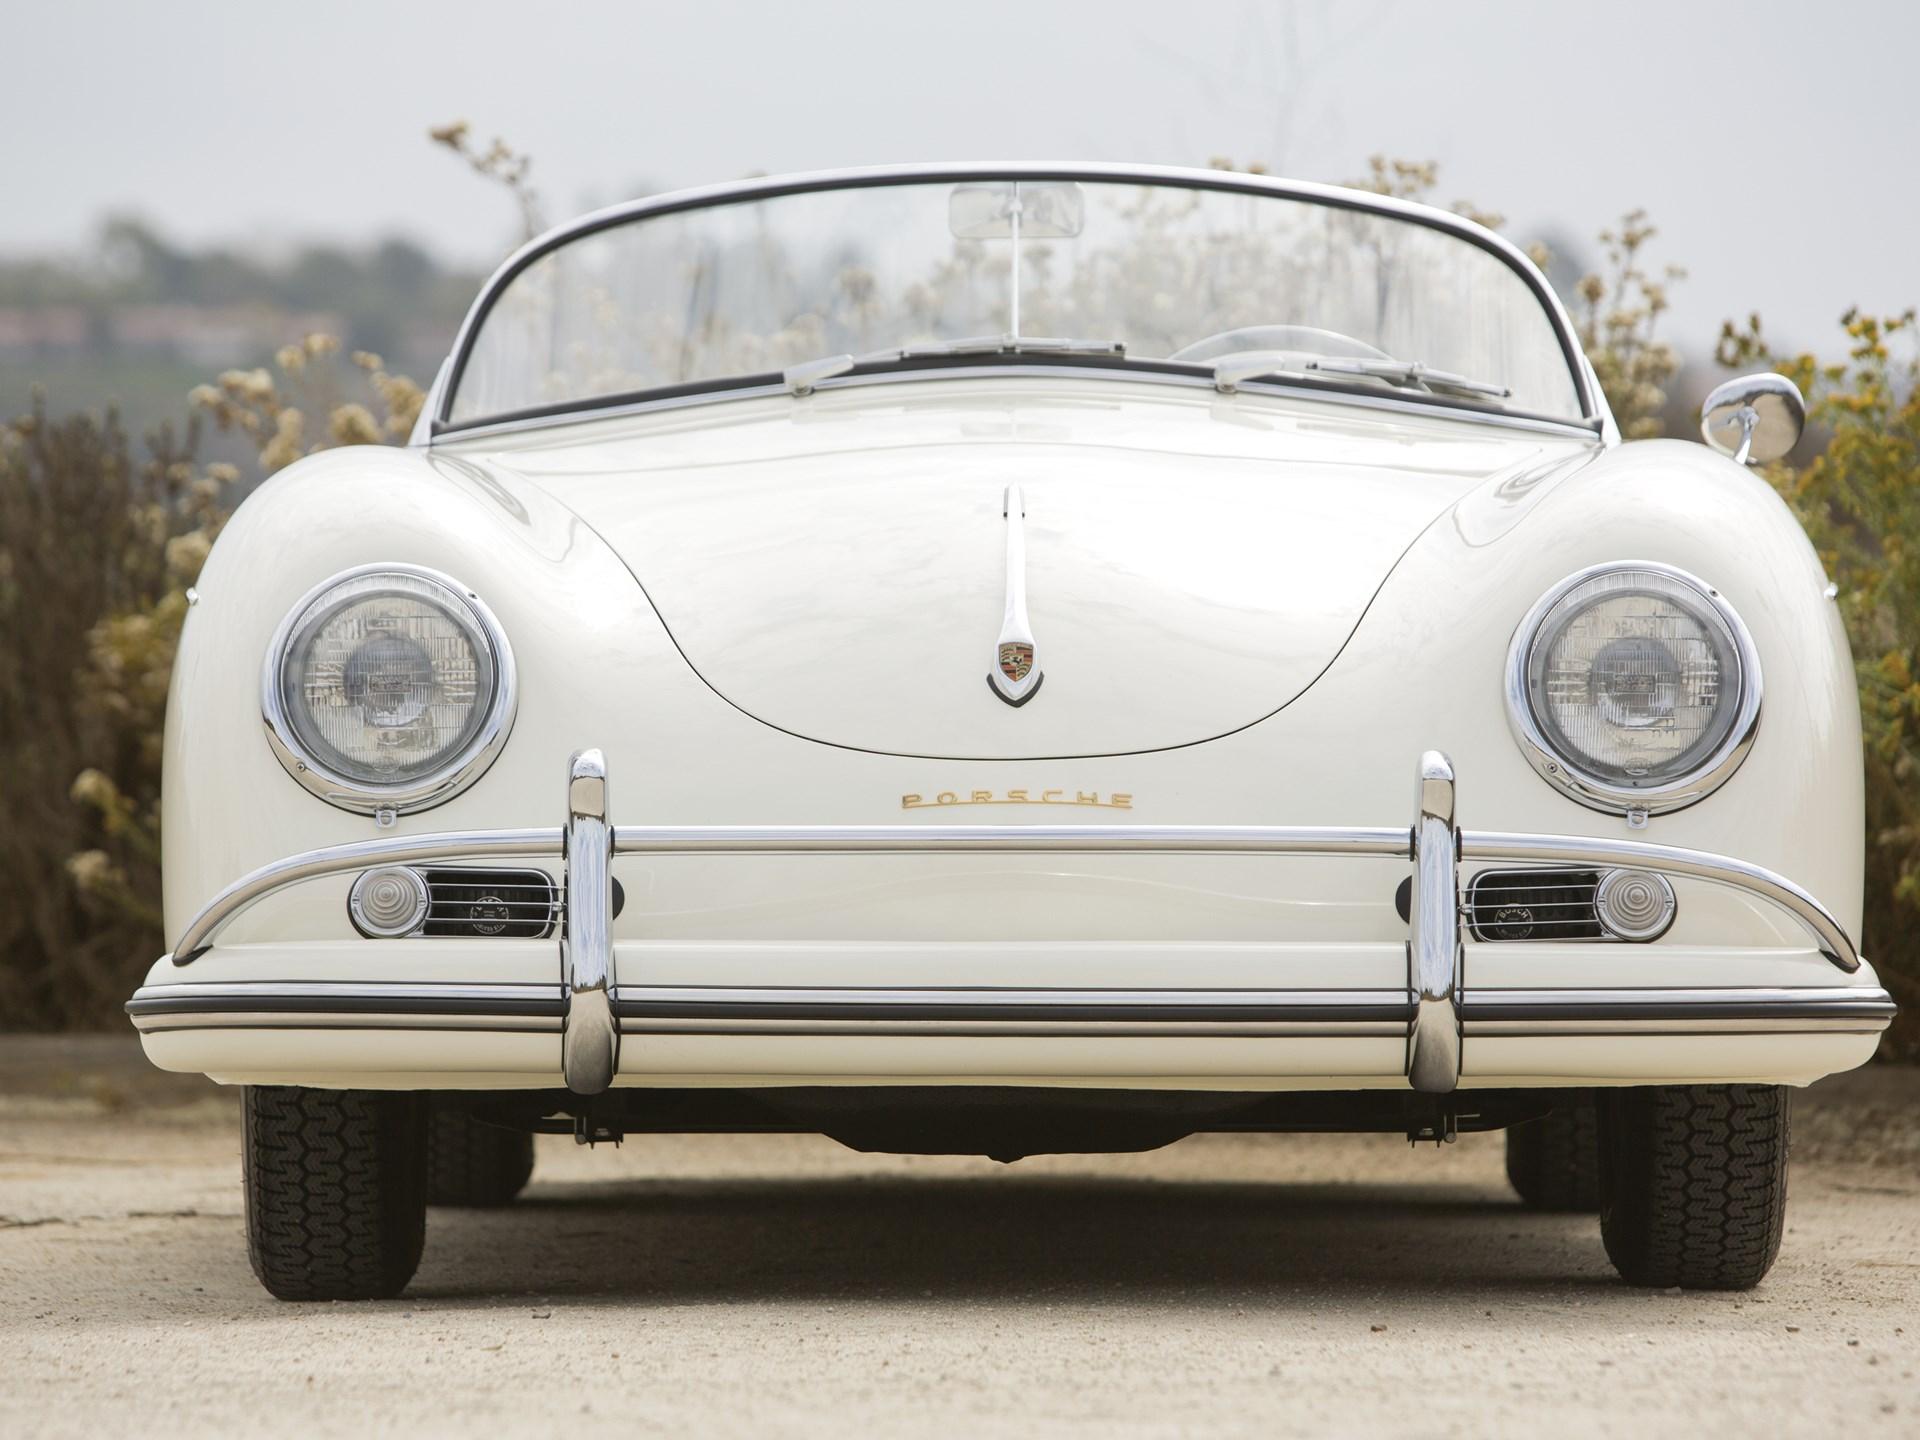 rm sotheby's 1957 porsche 356 a carrera 1500 gs speedster by porsche 356 wiring harness germany 1957 porsche 356 a carrera 1500 gs speedster by reutter